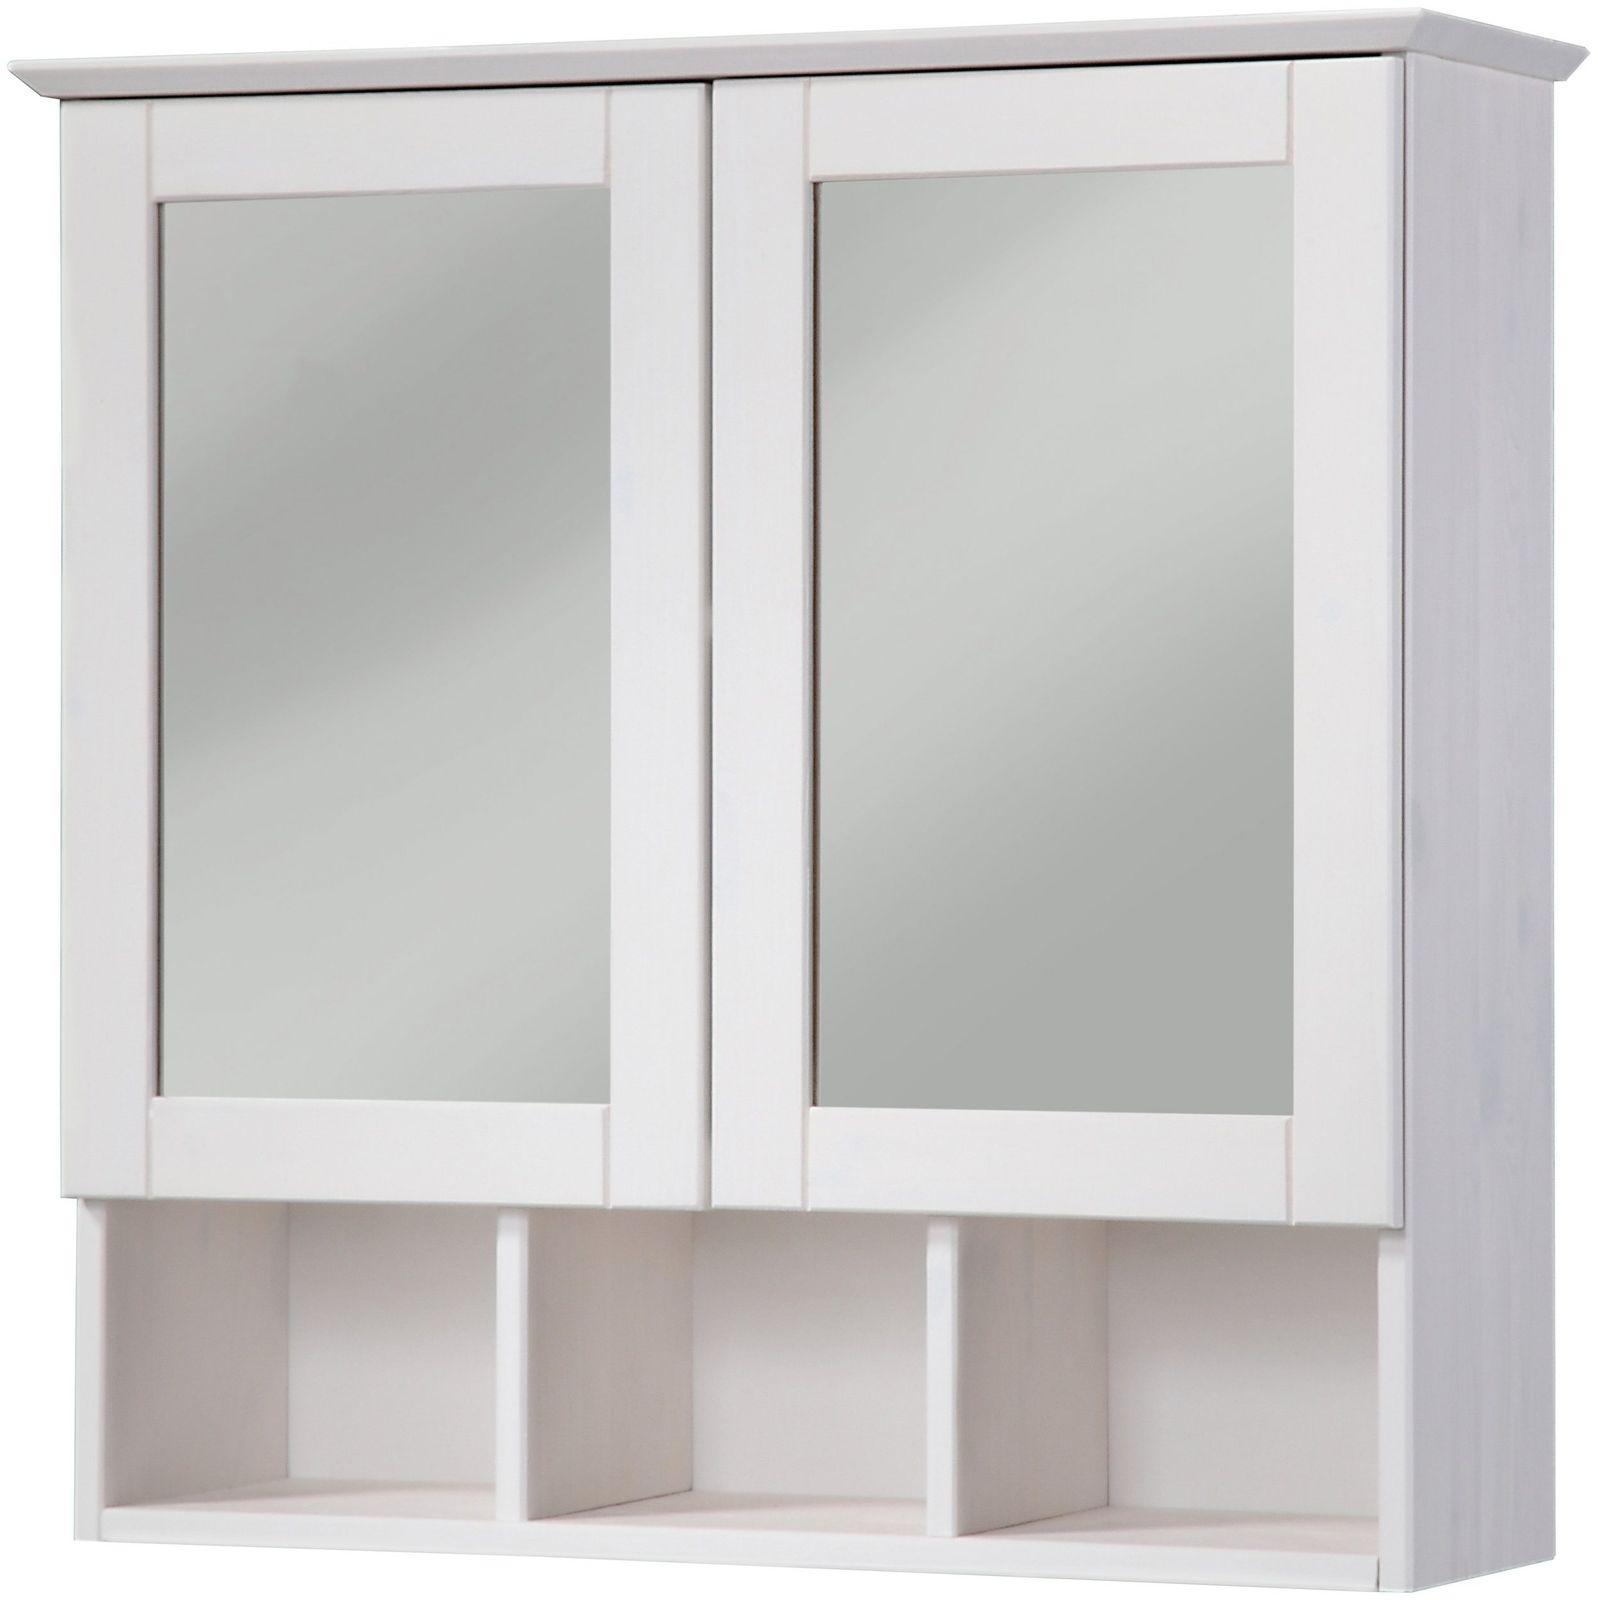 Verschiedene Badschrank Spiegel Sammlung Von Spiegelschrank Hängeschrank Weiß Uvp 79, 99€ 7100606